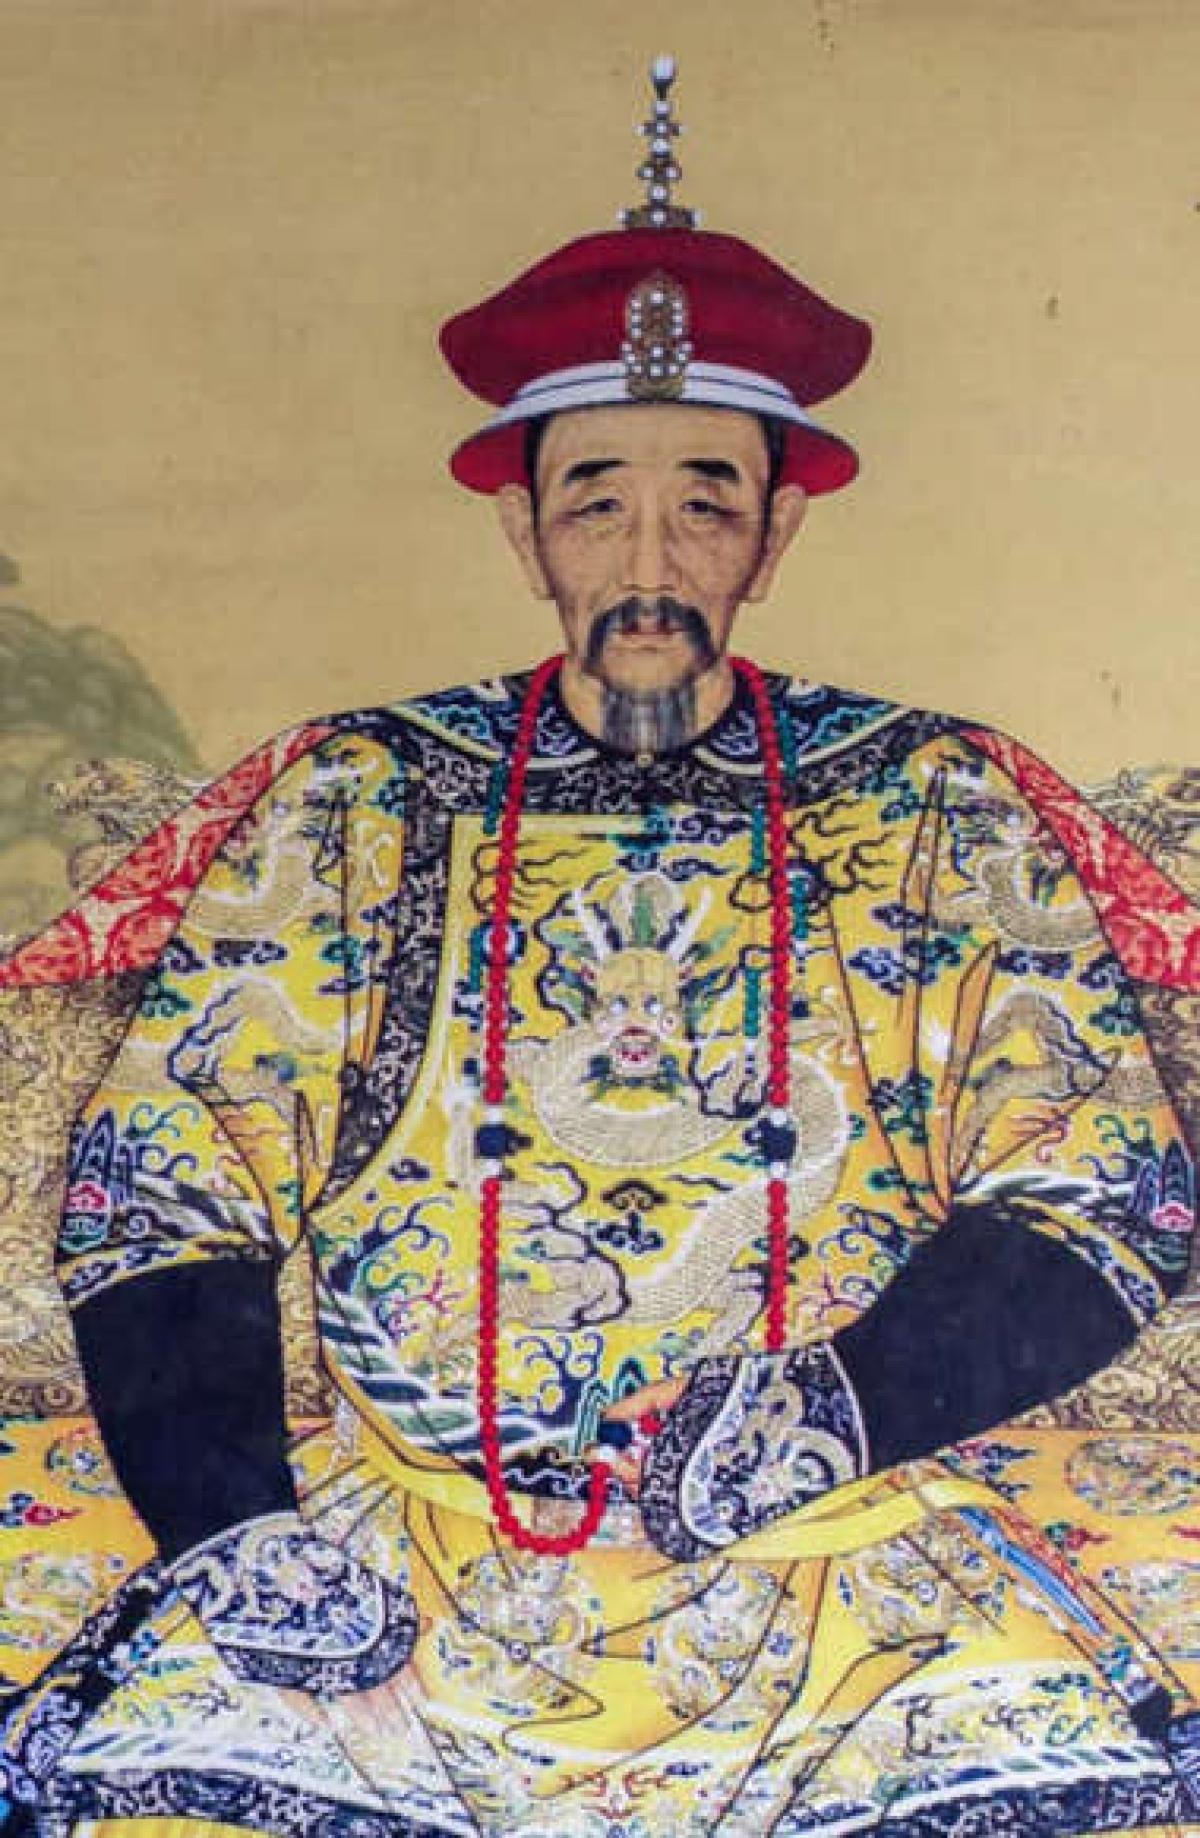 Vua Khang Hy. Vị hoàng đế thứ hai của nhà Thanh đã trị vì Trung Quốc trong 61 năm. Vua Khang Hy đã lãnh đạo đất nước trải qua một thời kỳ thịnh vượng, mở một số cảng của Trung Quốc để cho phép ngoại thương, đồng thời khuyến khích giáo dục và nghệ thuật.